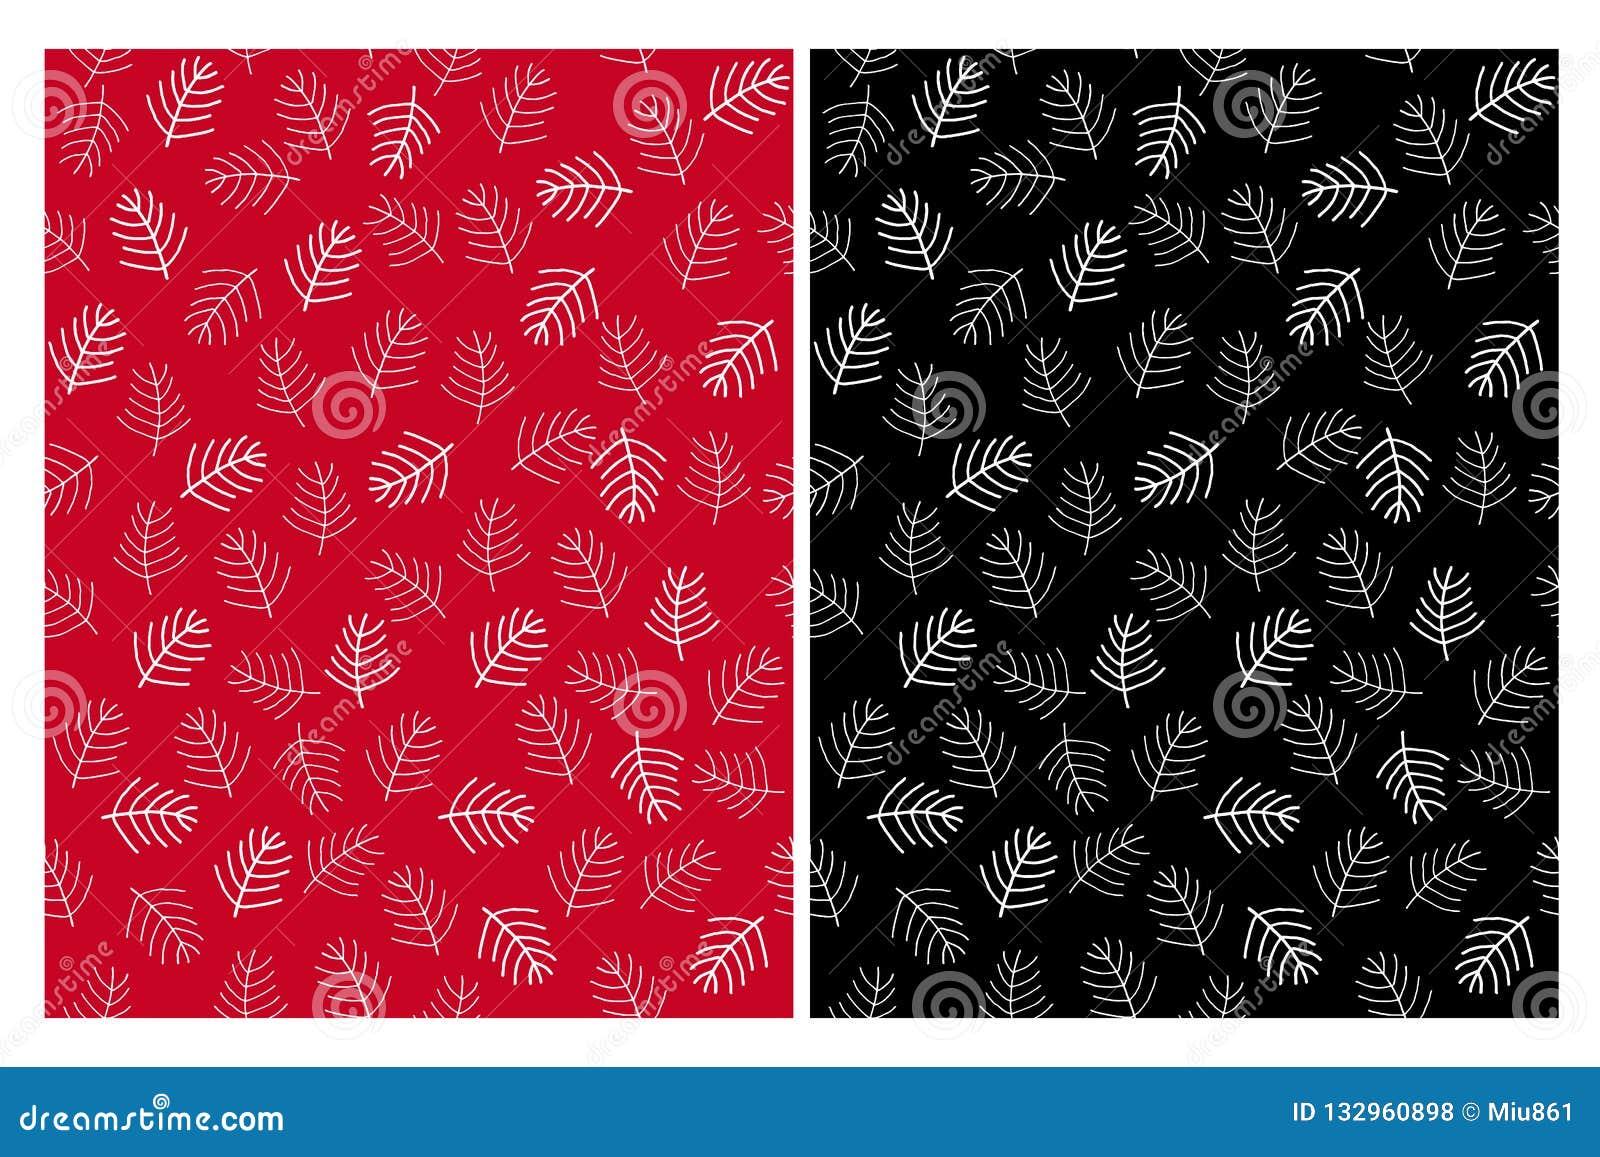 De abstracte Naadloze Vectorpatronen van Kerstboomtakjes Zwart, rood en wit ontwerp